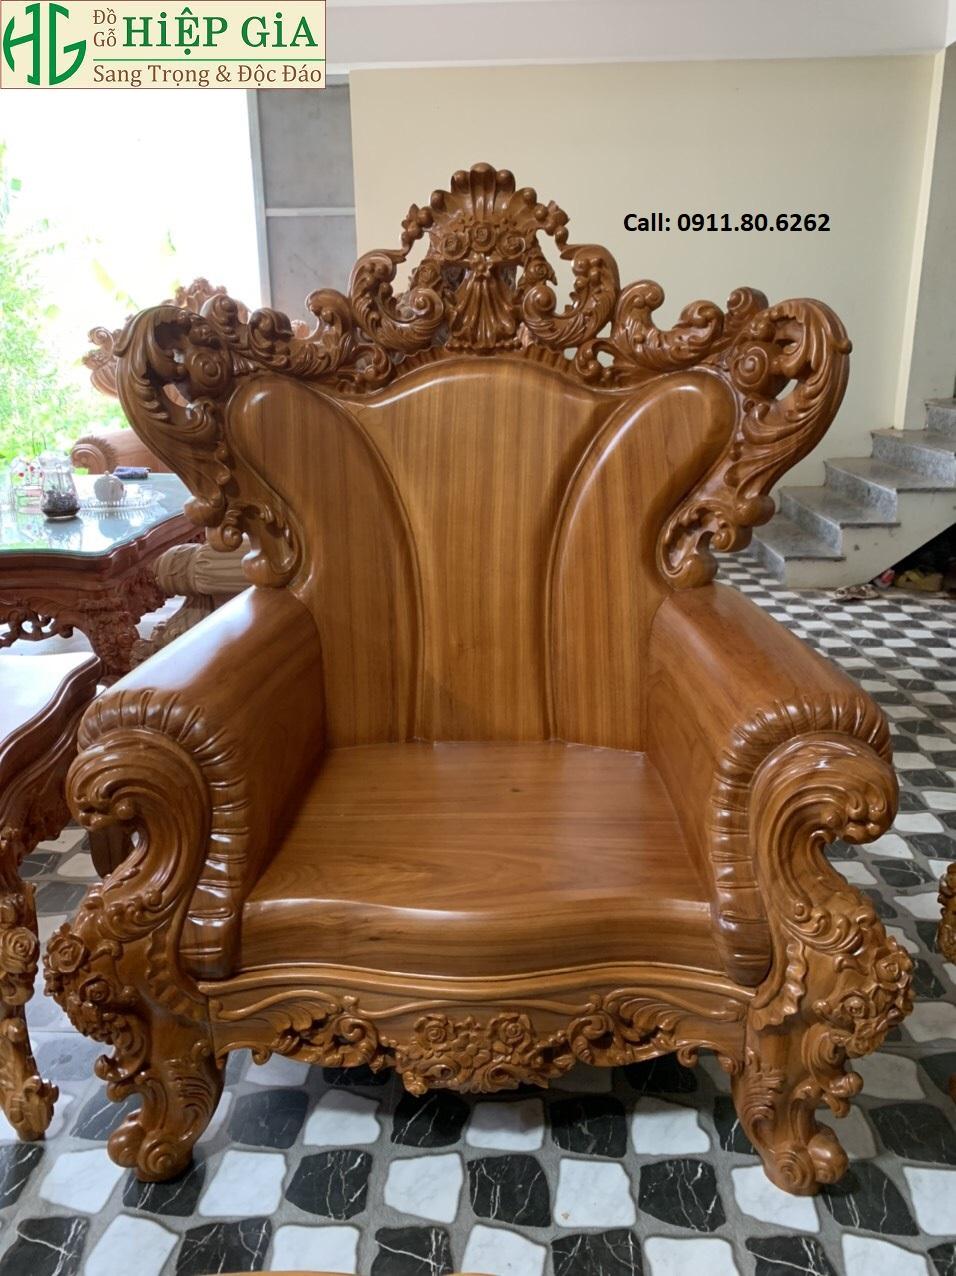 Sofa louis hoang gia 22 - Sofa Louis Hoàng Gia MS: 64